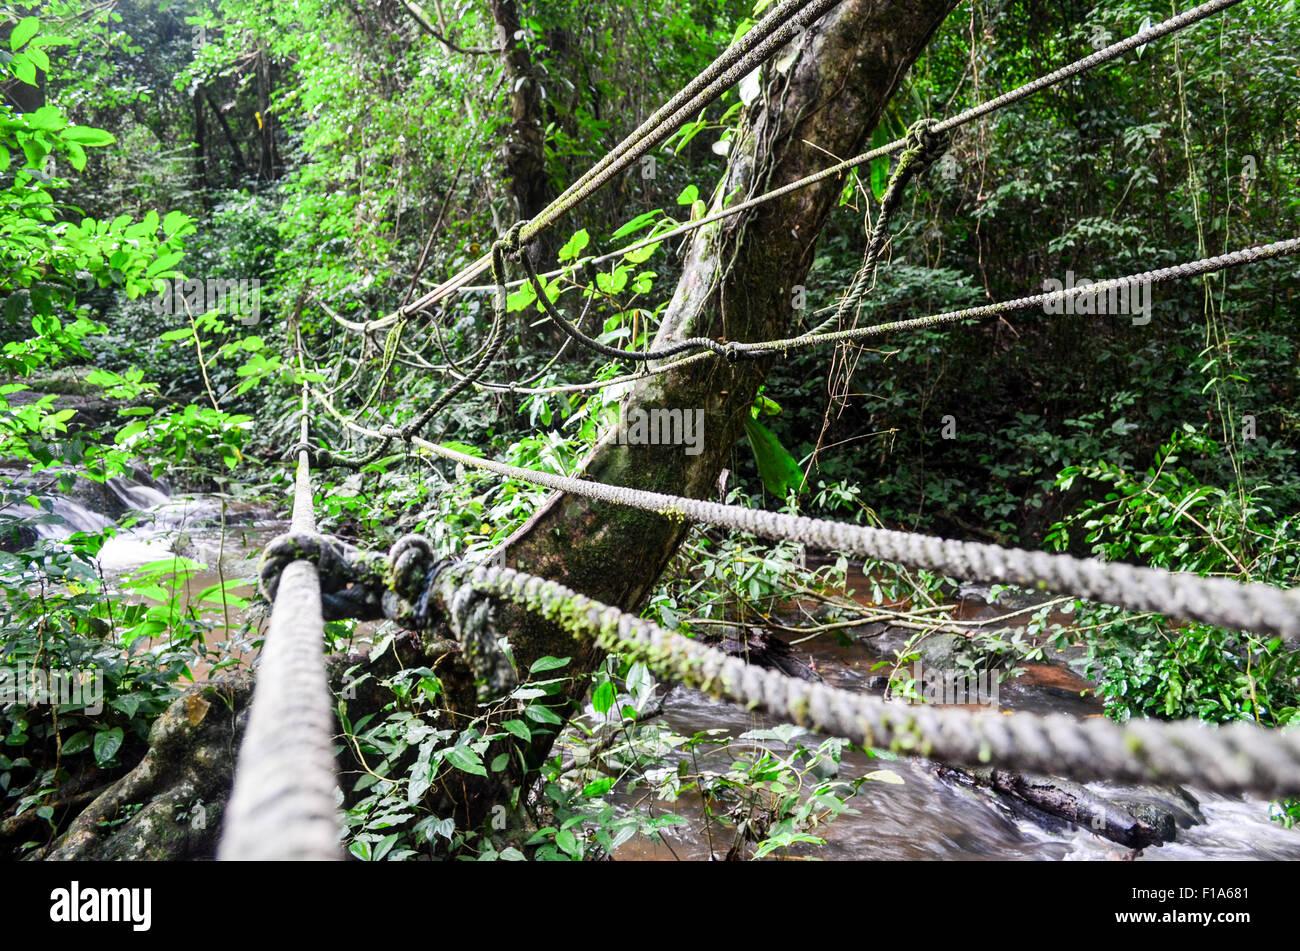 Bridge of lianas in Ivory Coast - Stock Image